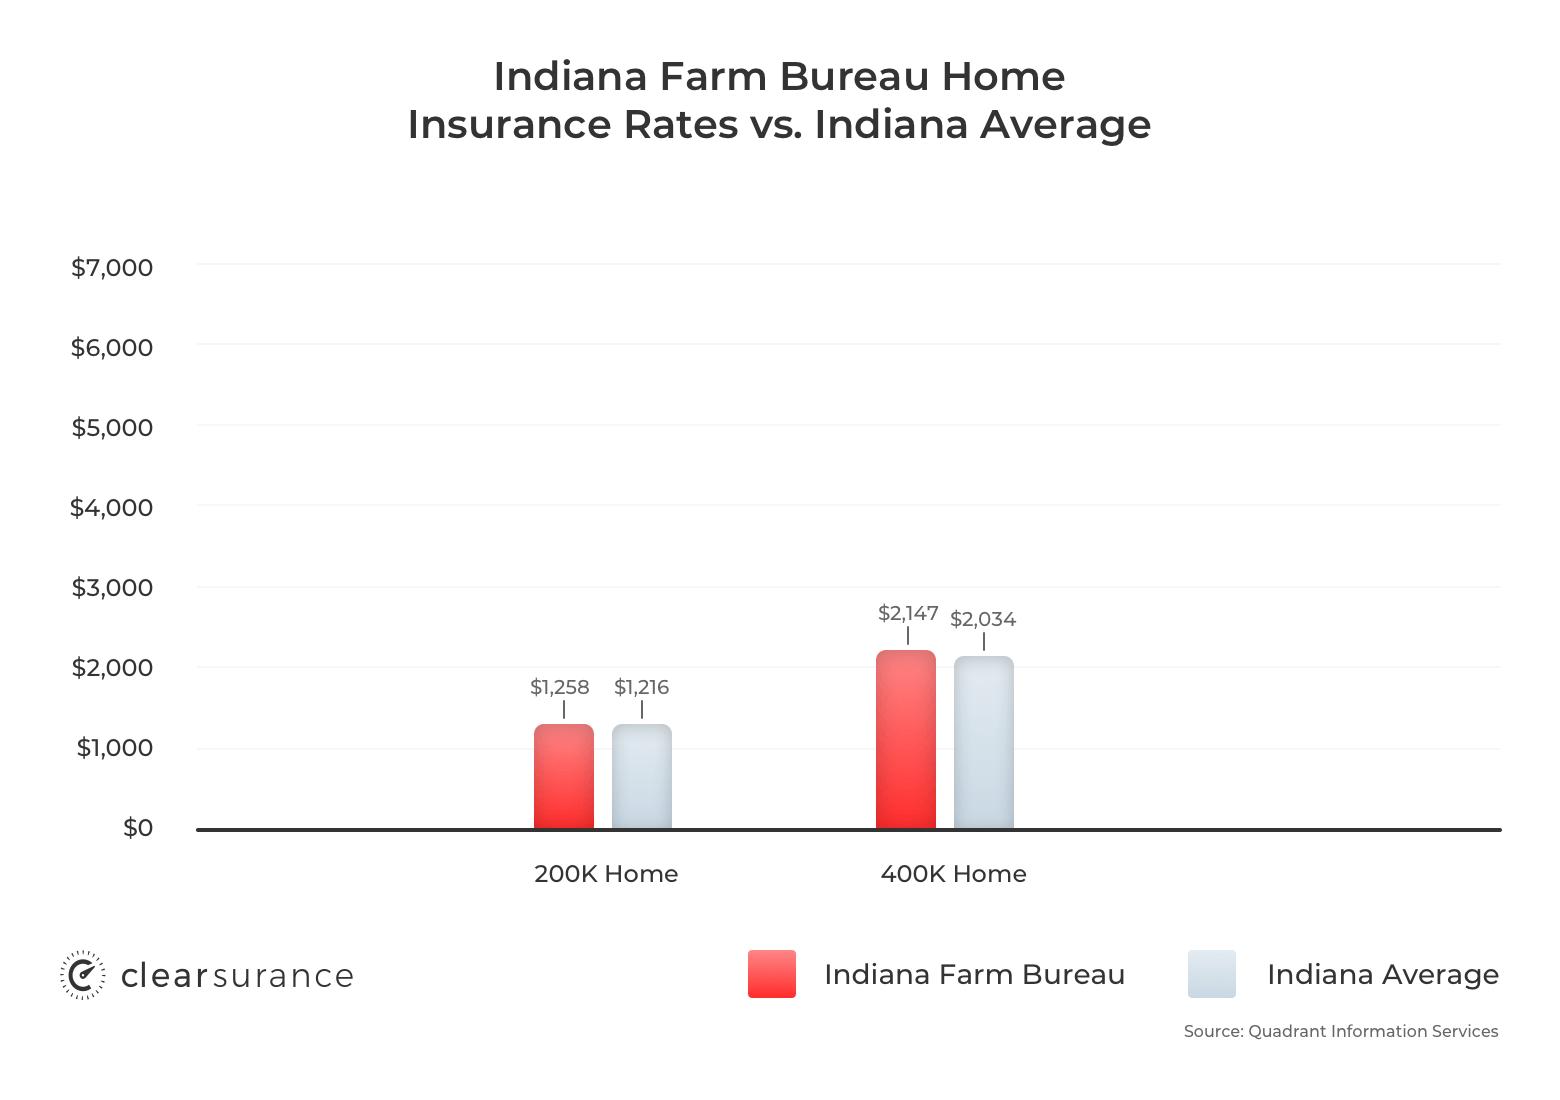 Indiana Farm Bureau home insurance rates